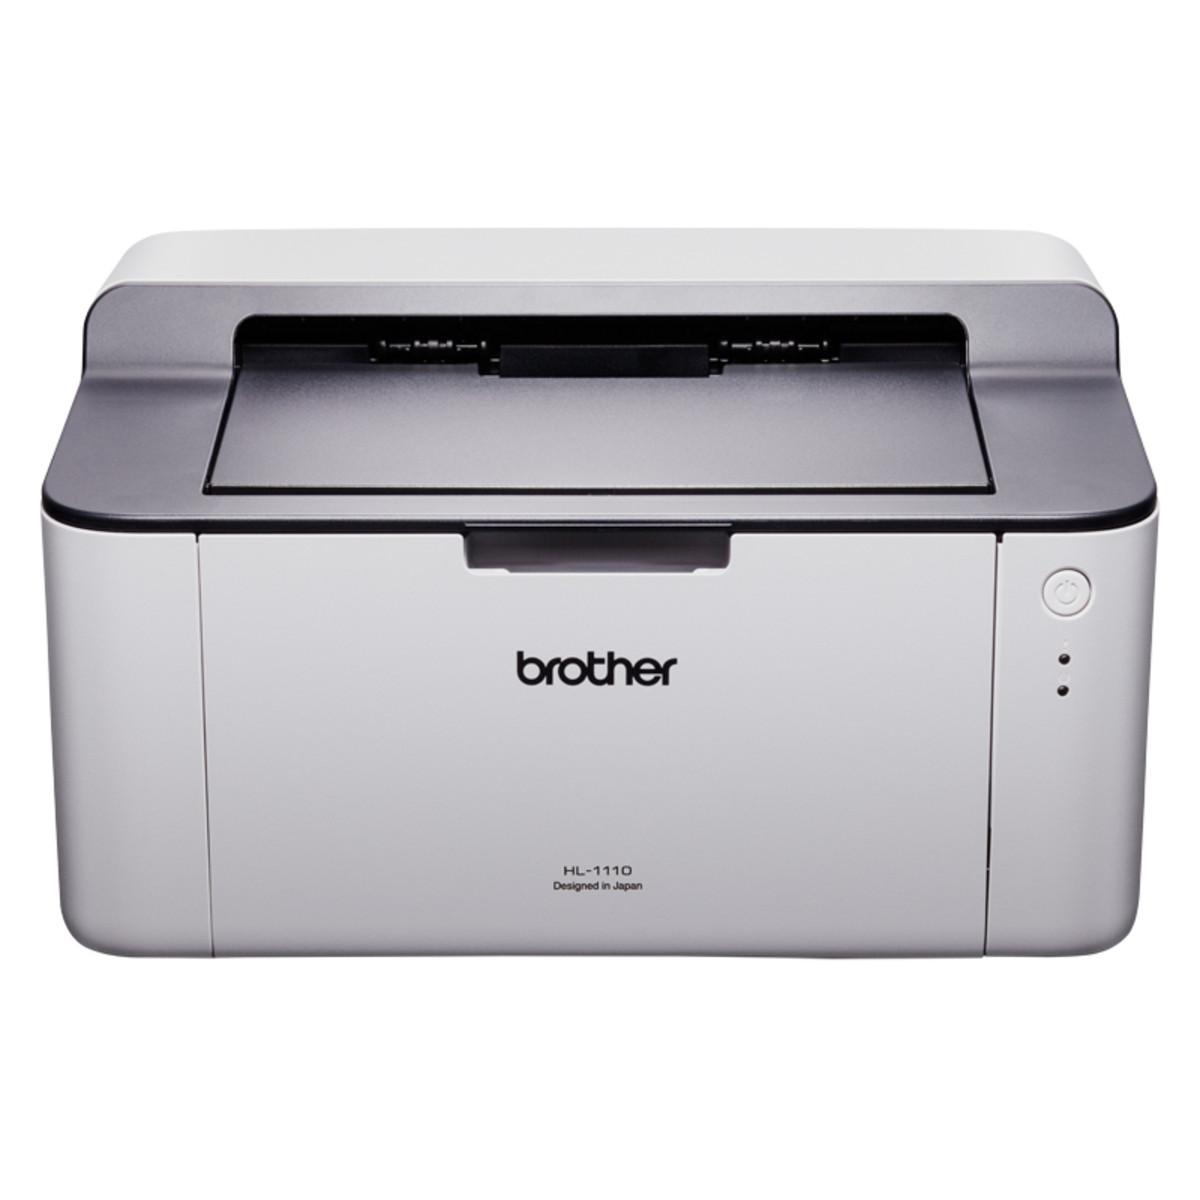 Brother HL 1110 Laser Printer